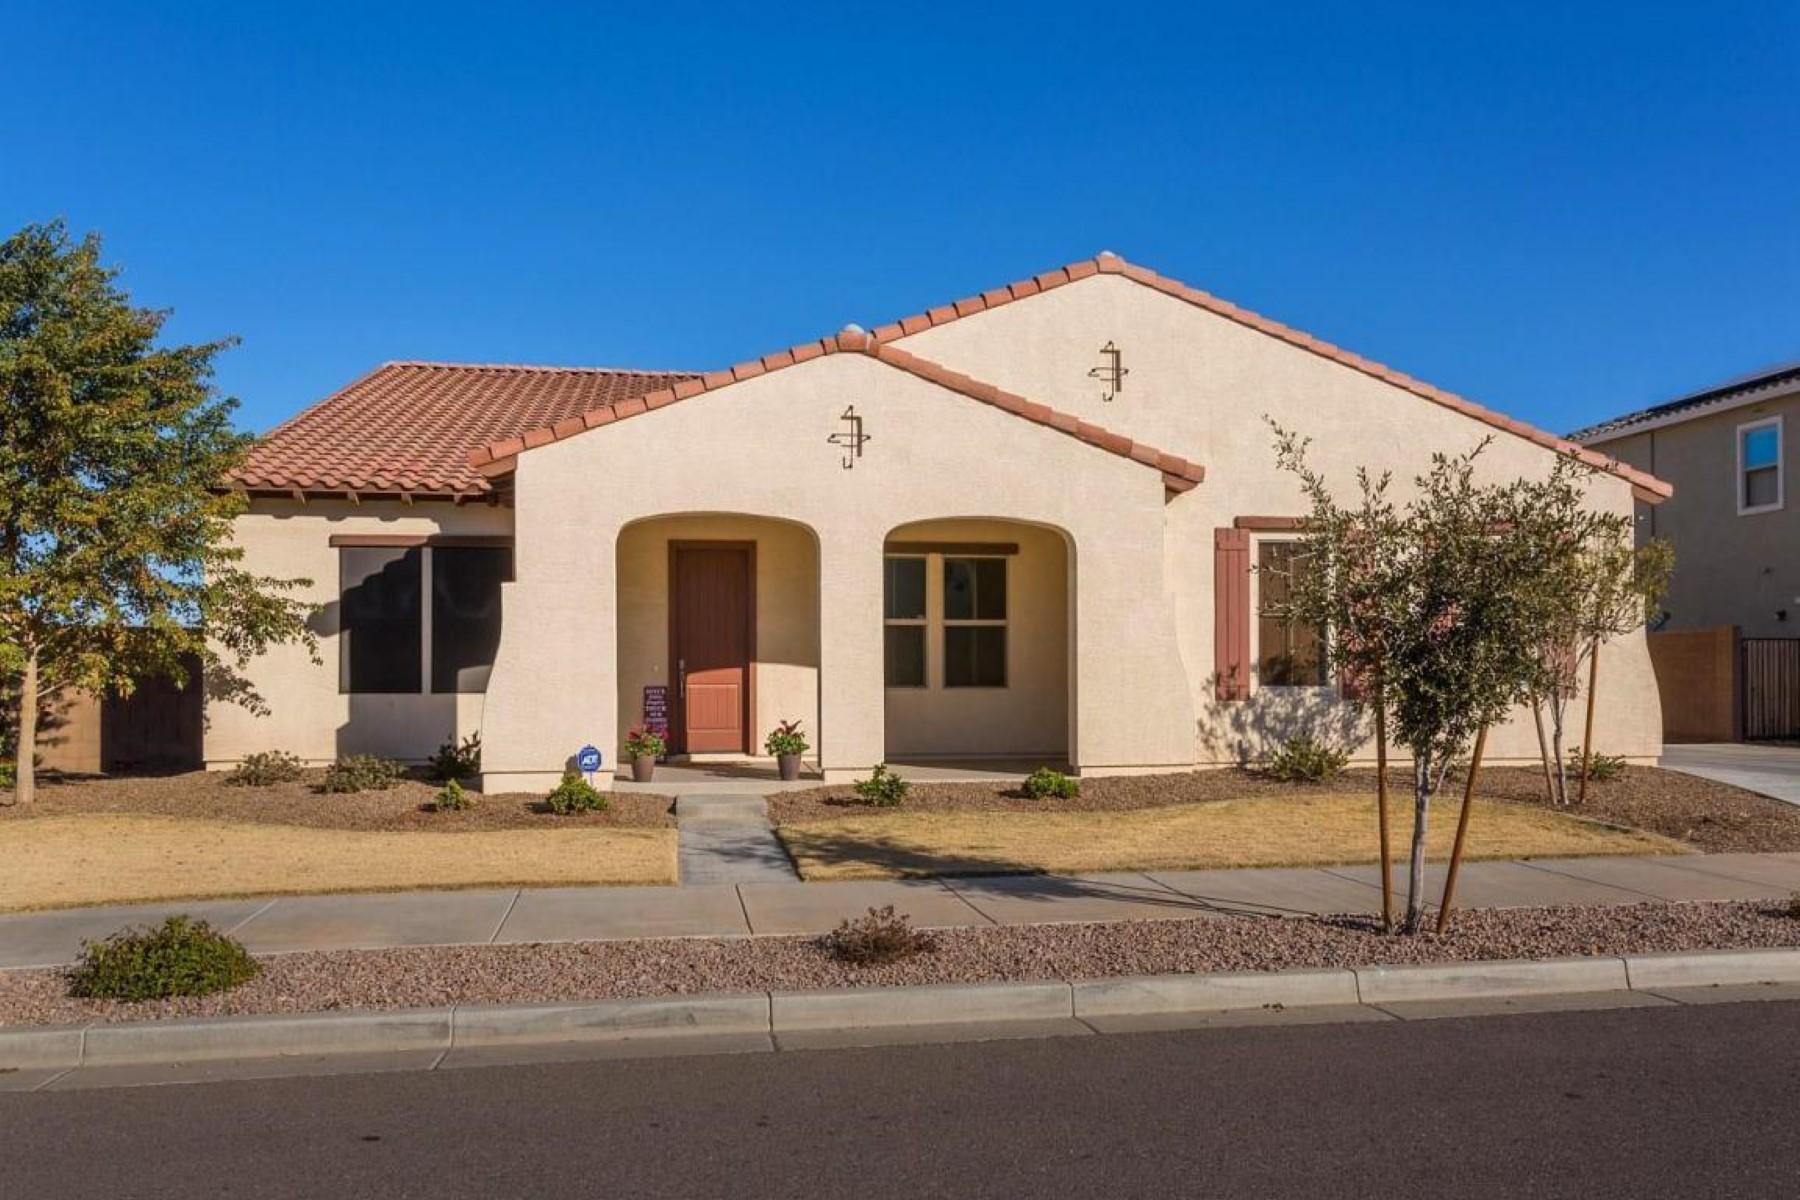 Tek Ailelik Ev için Satış at Wonderful single story home in hastings farms 21220 E Via De Arboles Queen Creek, Arizona 85142 Amerika Birleşik Devletleri